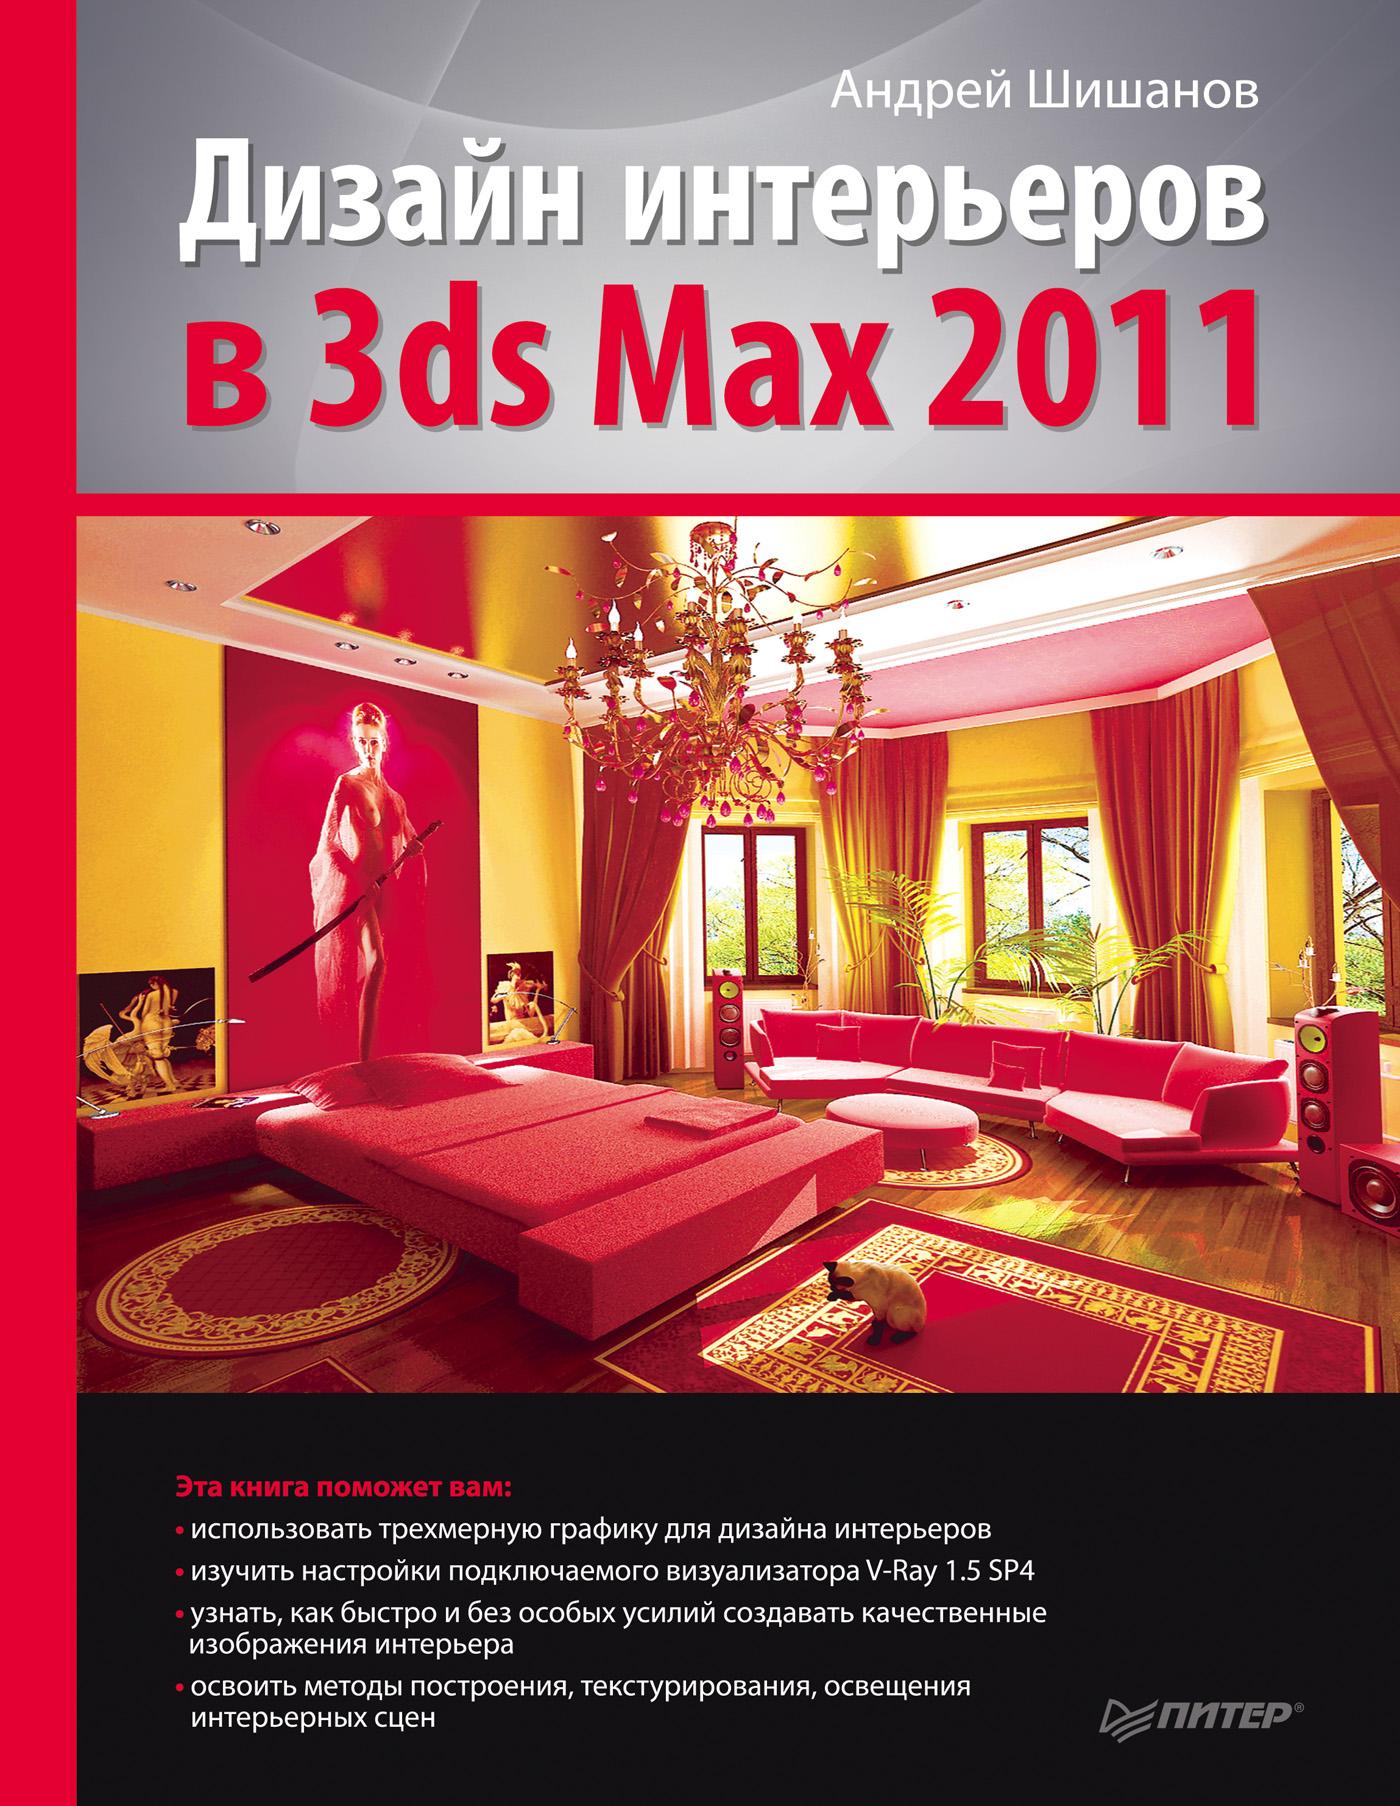 Андрей Шишанов Дизайн интерьеров в 3ds Max 2011 kelly l murdock 3ds max 2011 bible